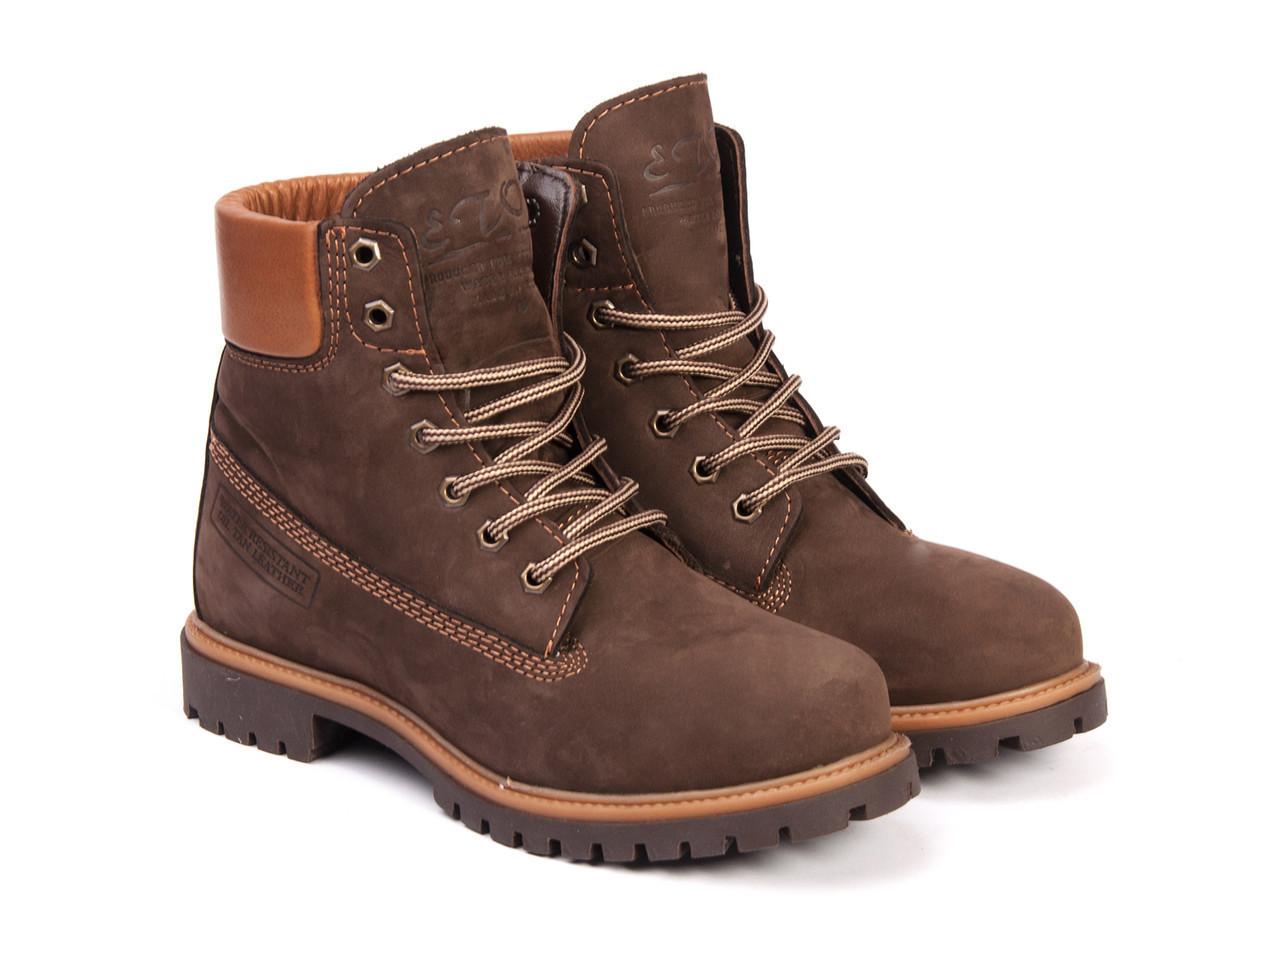 Ботинки Etor 9916-2298-02 40 коричневые